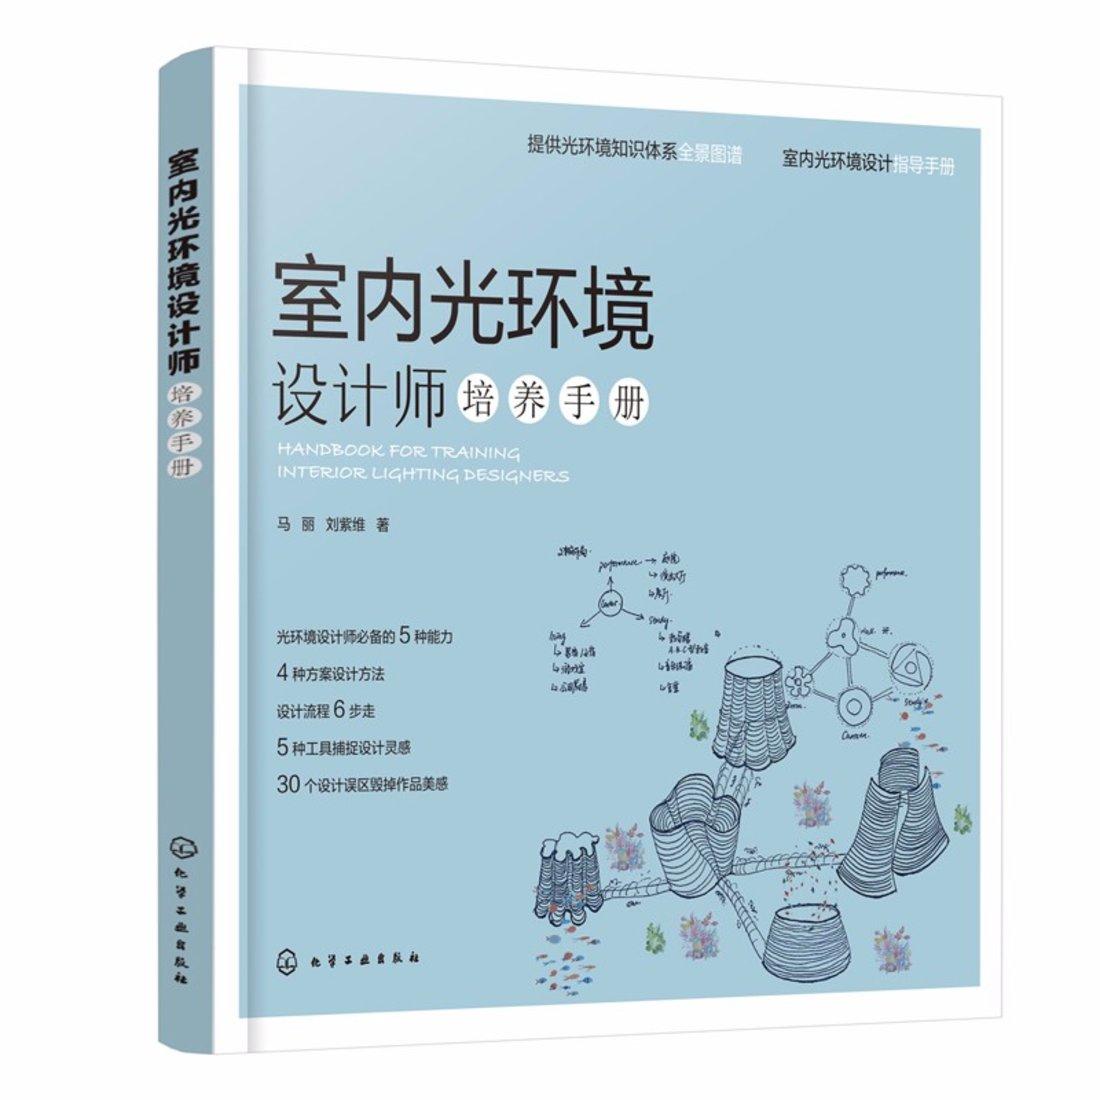 《室内光环境设计师培养手册》